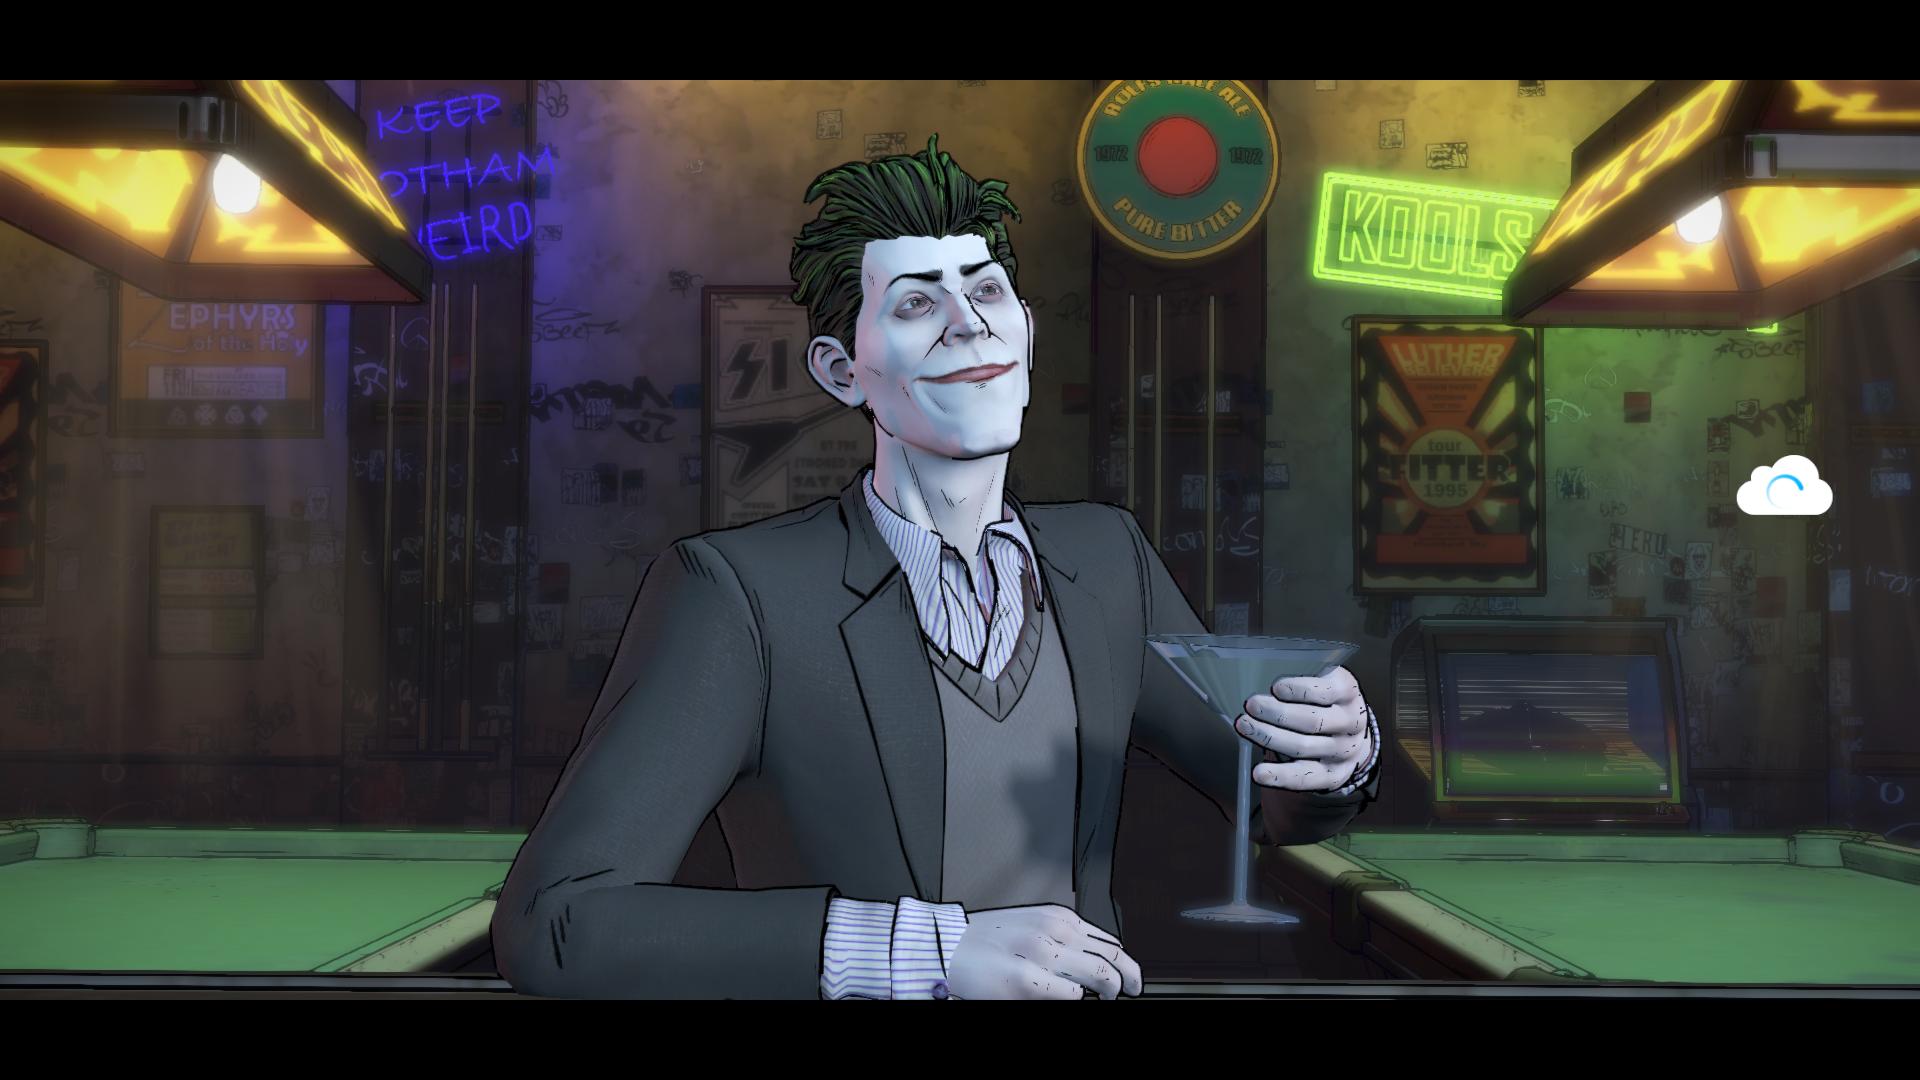 Batman: The Telltale Series Episode 5 - Ville de lumière - Image n°6